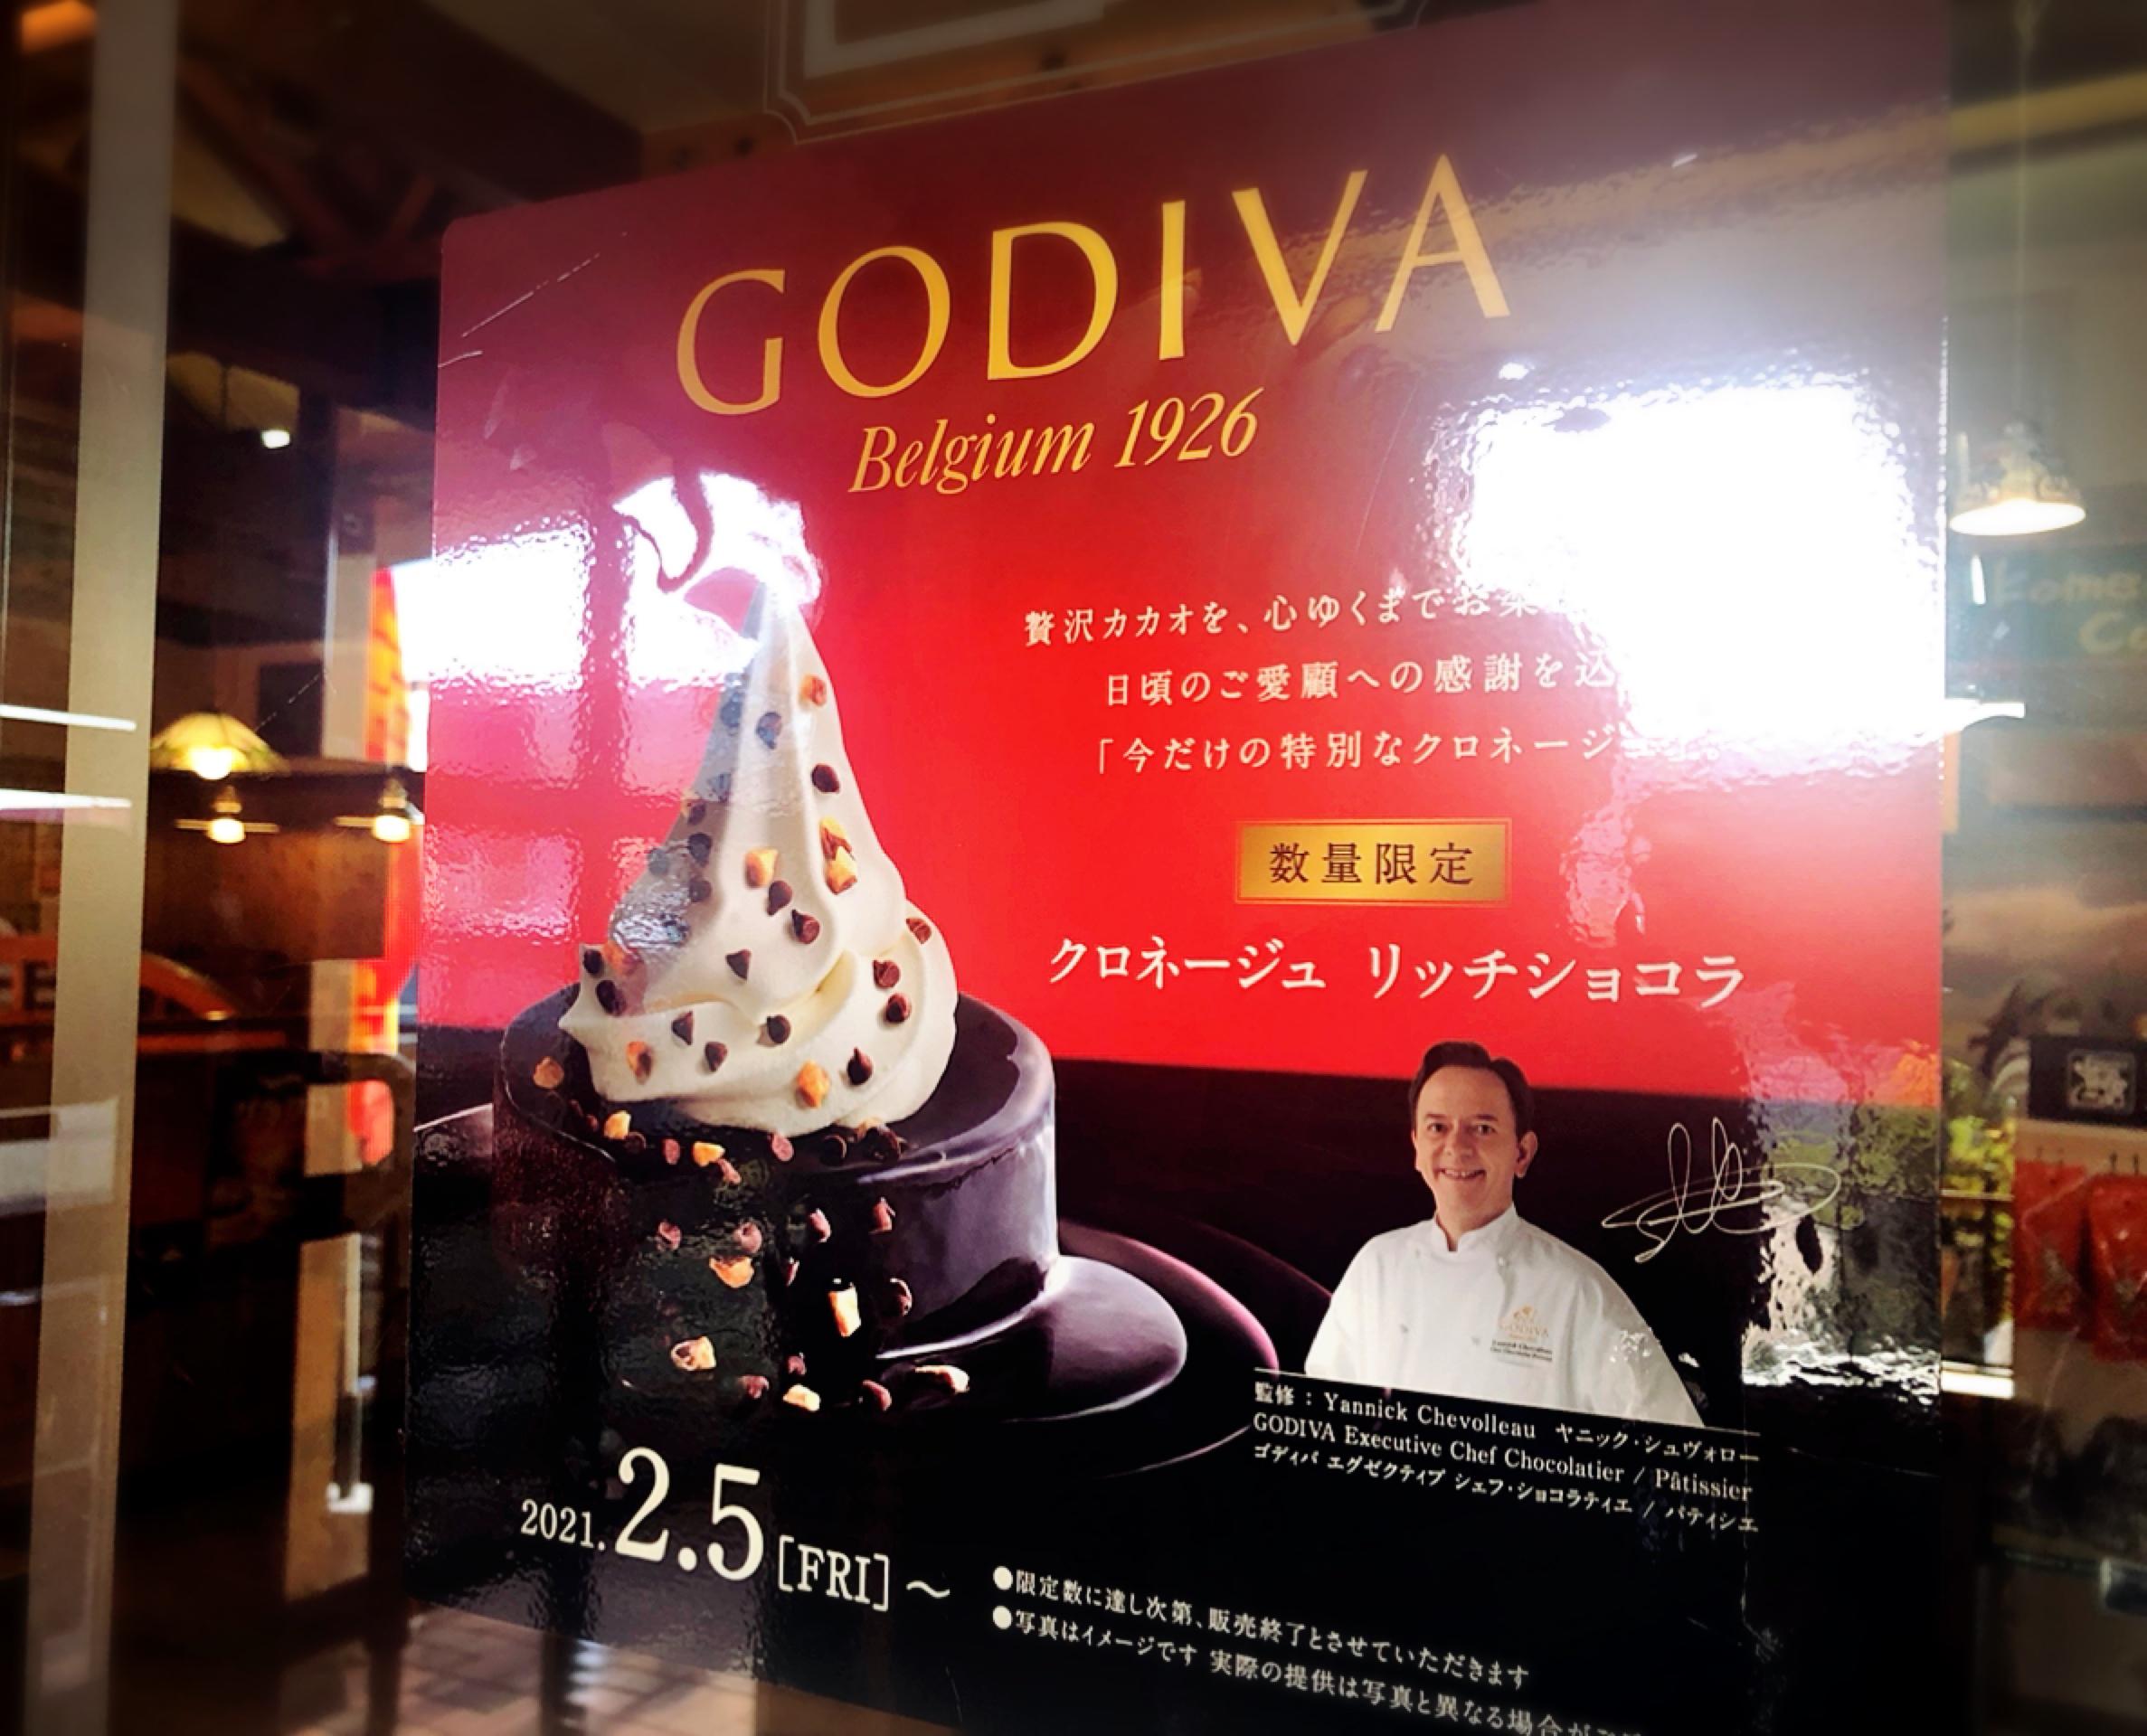 【コメダ珈琲店×GODIVA】今だけコラボ商品♡リッチでなめらかなチョコが最高*。クロネージュ リッチショコラ_1